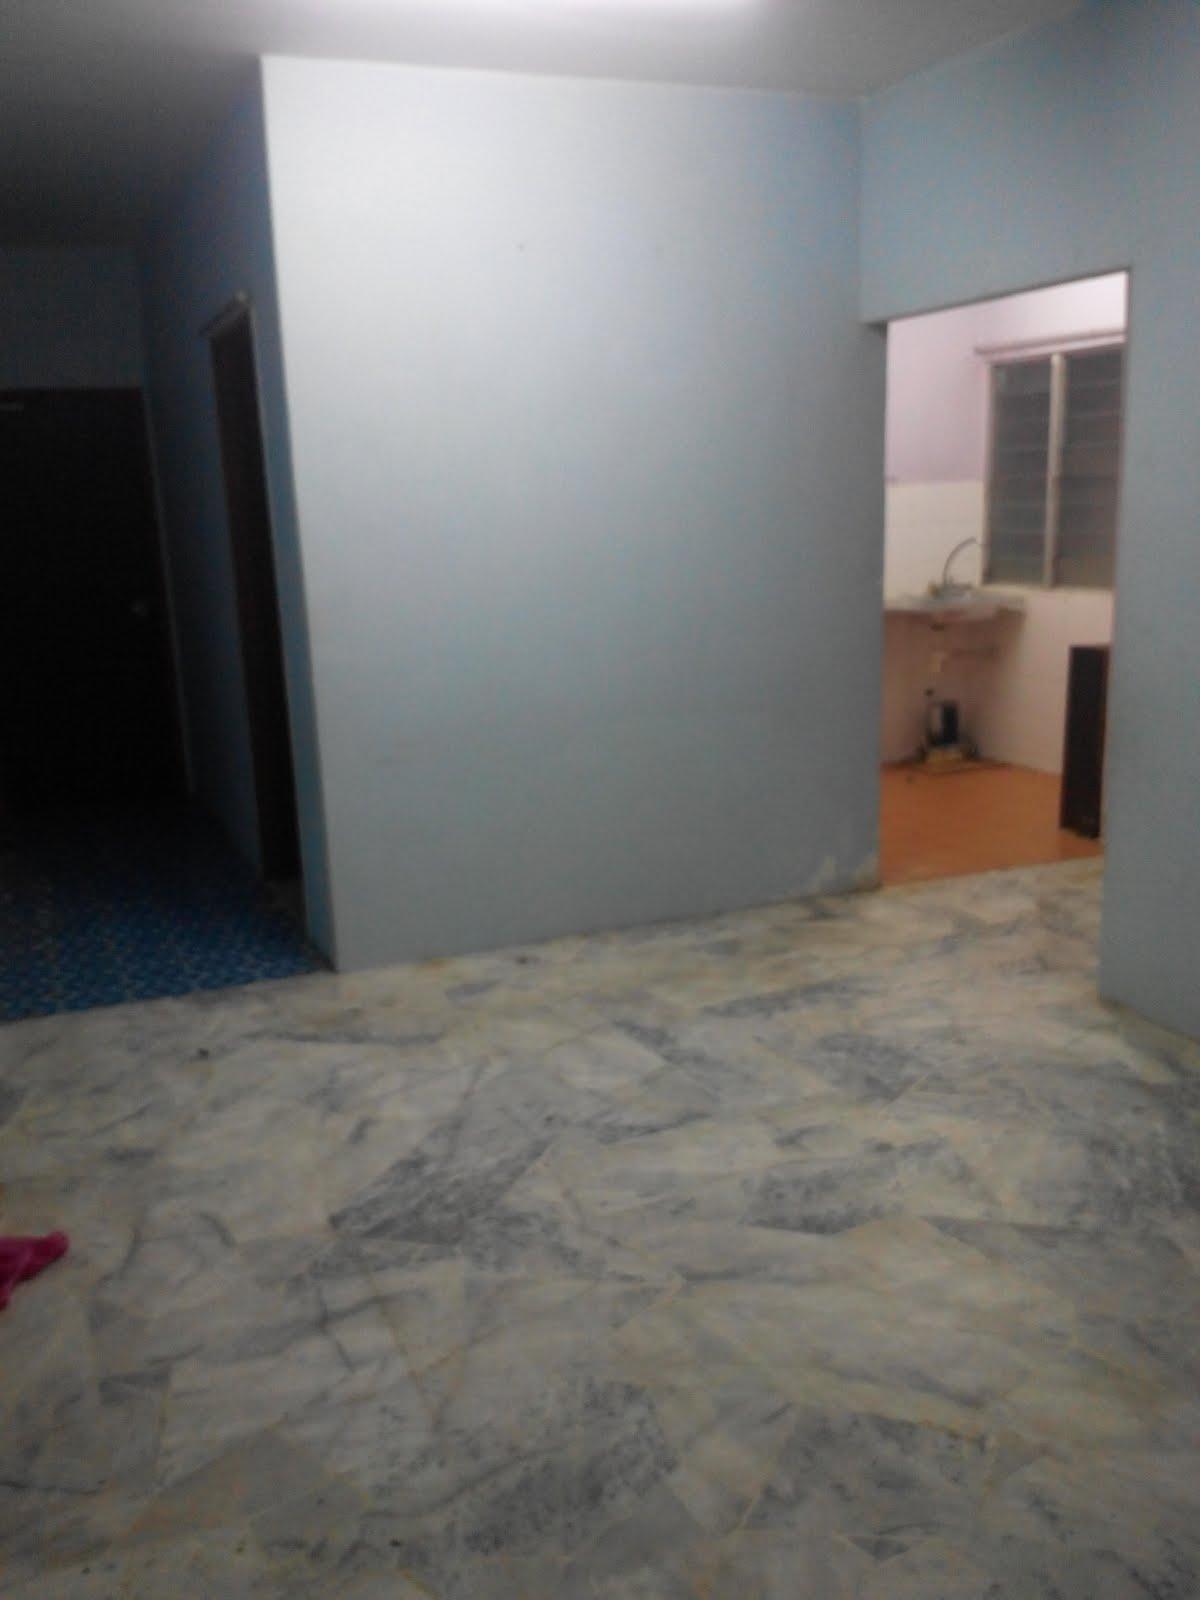 Saja Nak Update Latest Pic Ruang Tamu Rumah Den Masih Kosong Lagi Walaupun Dah 8 Bulan Pindah Tunggu Mood Datang Baru Boleh Hias Haha